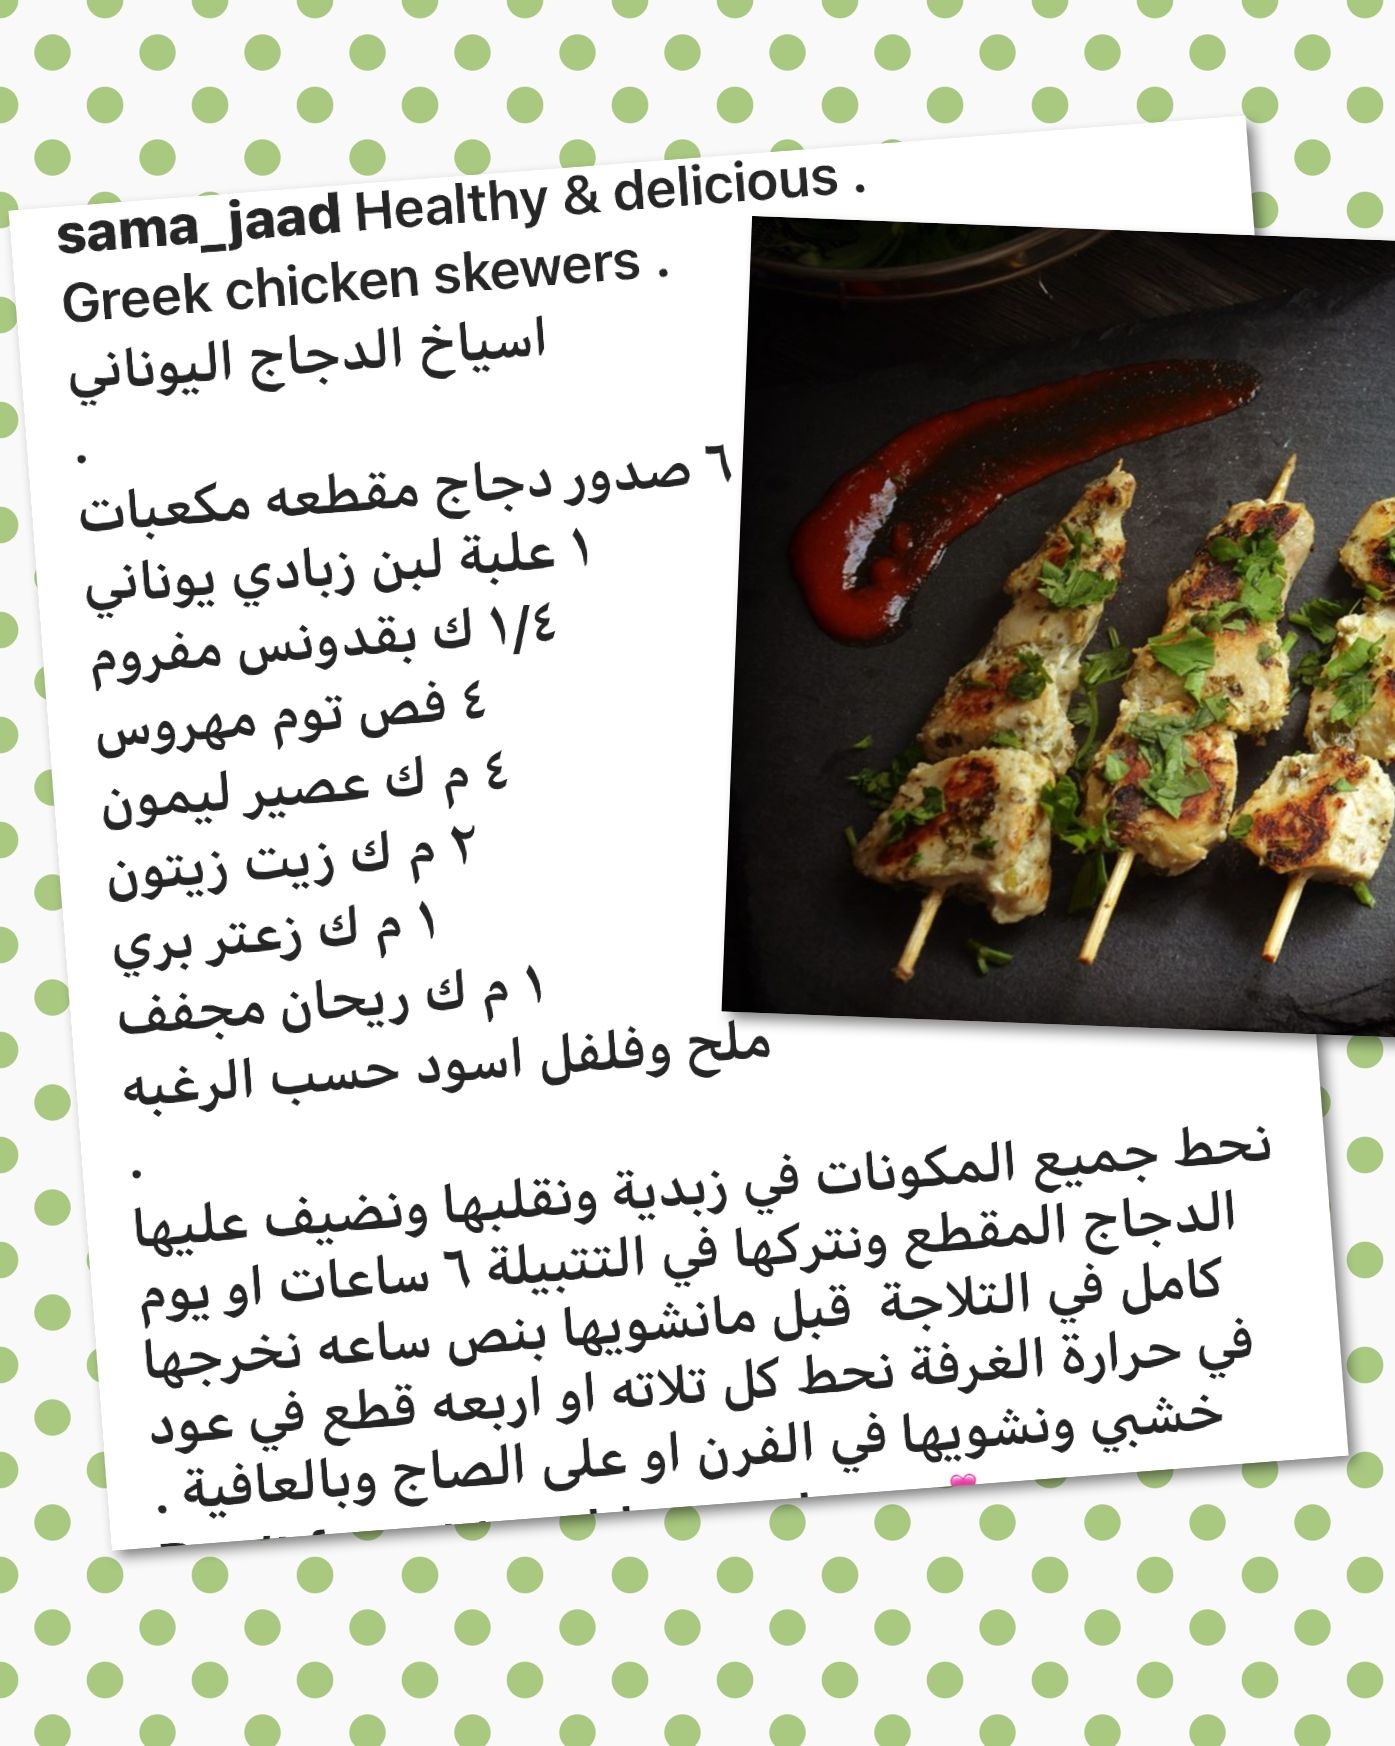 اسياخ الدجاج بالزبادي اليوناني Food Recipes Beef